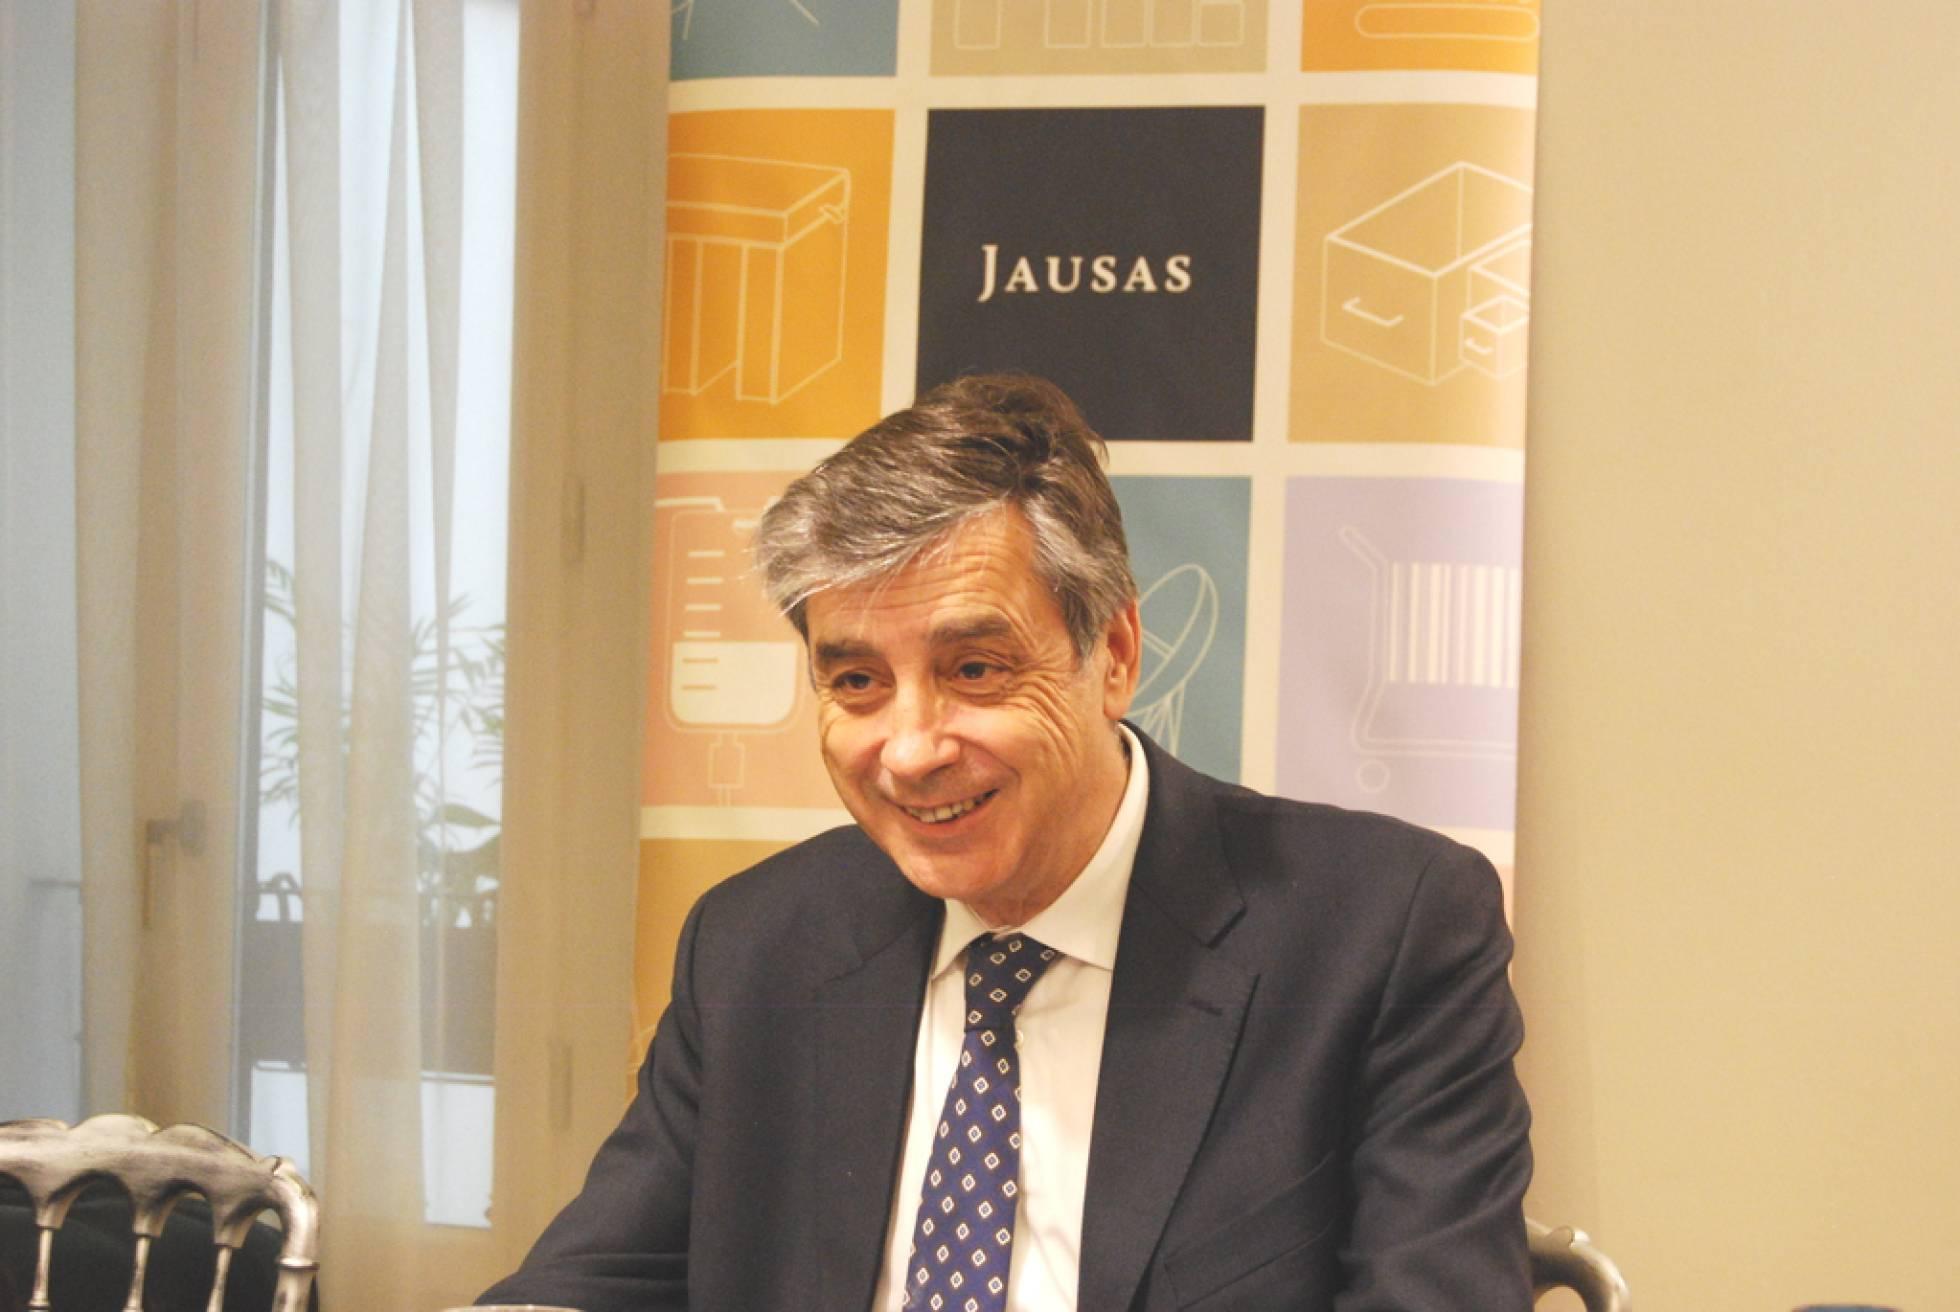 Jausas crece un 5% en 2016 con una facturación de 8,26 millones de euros